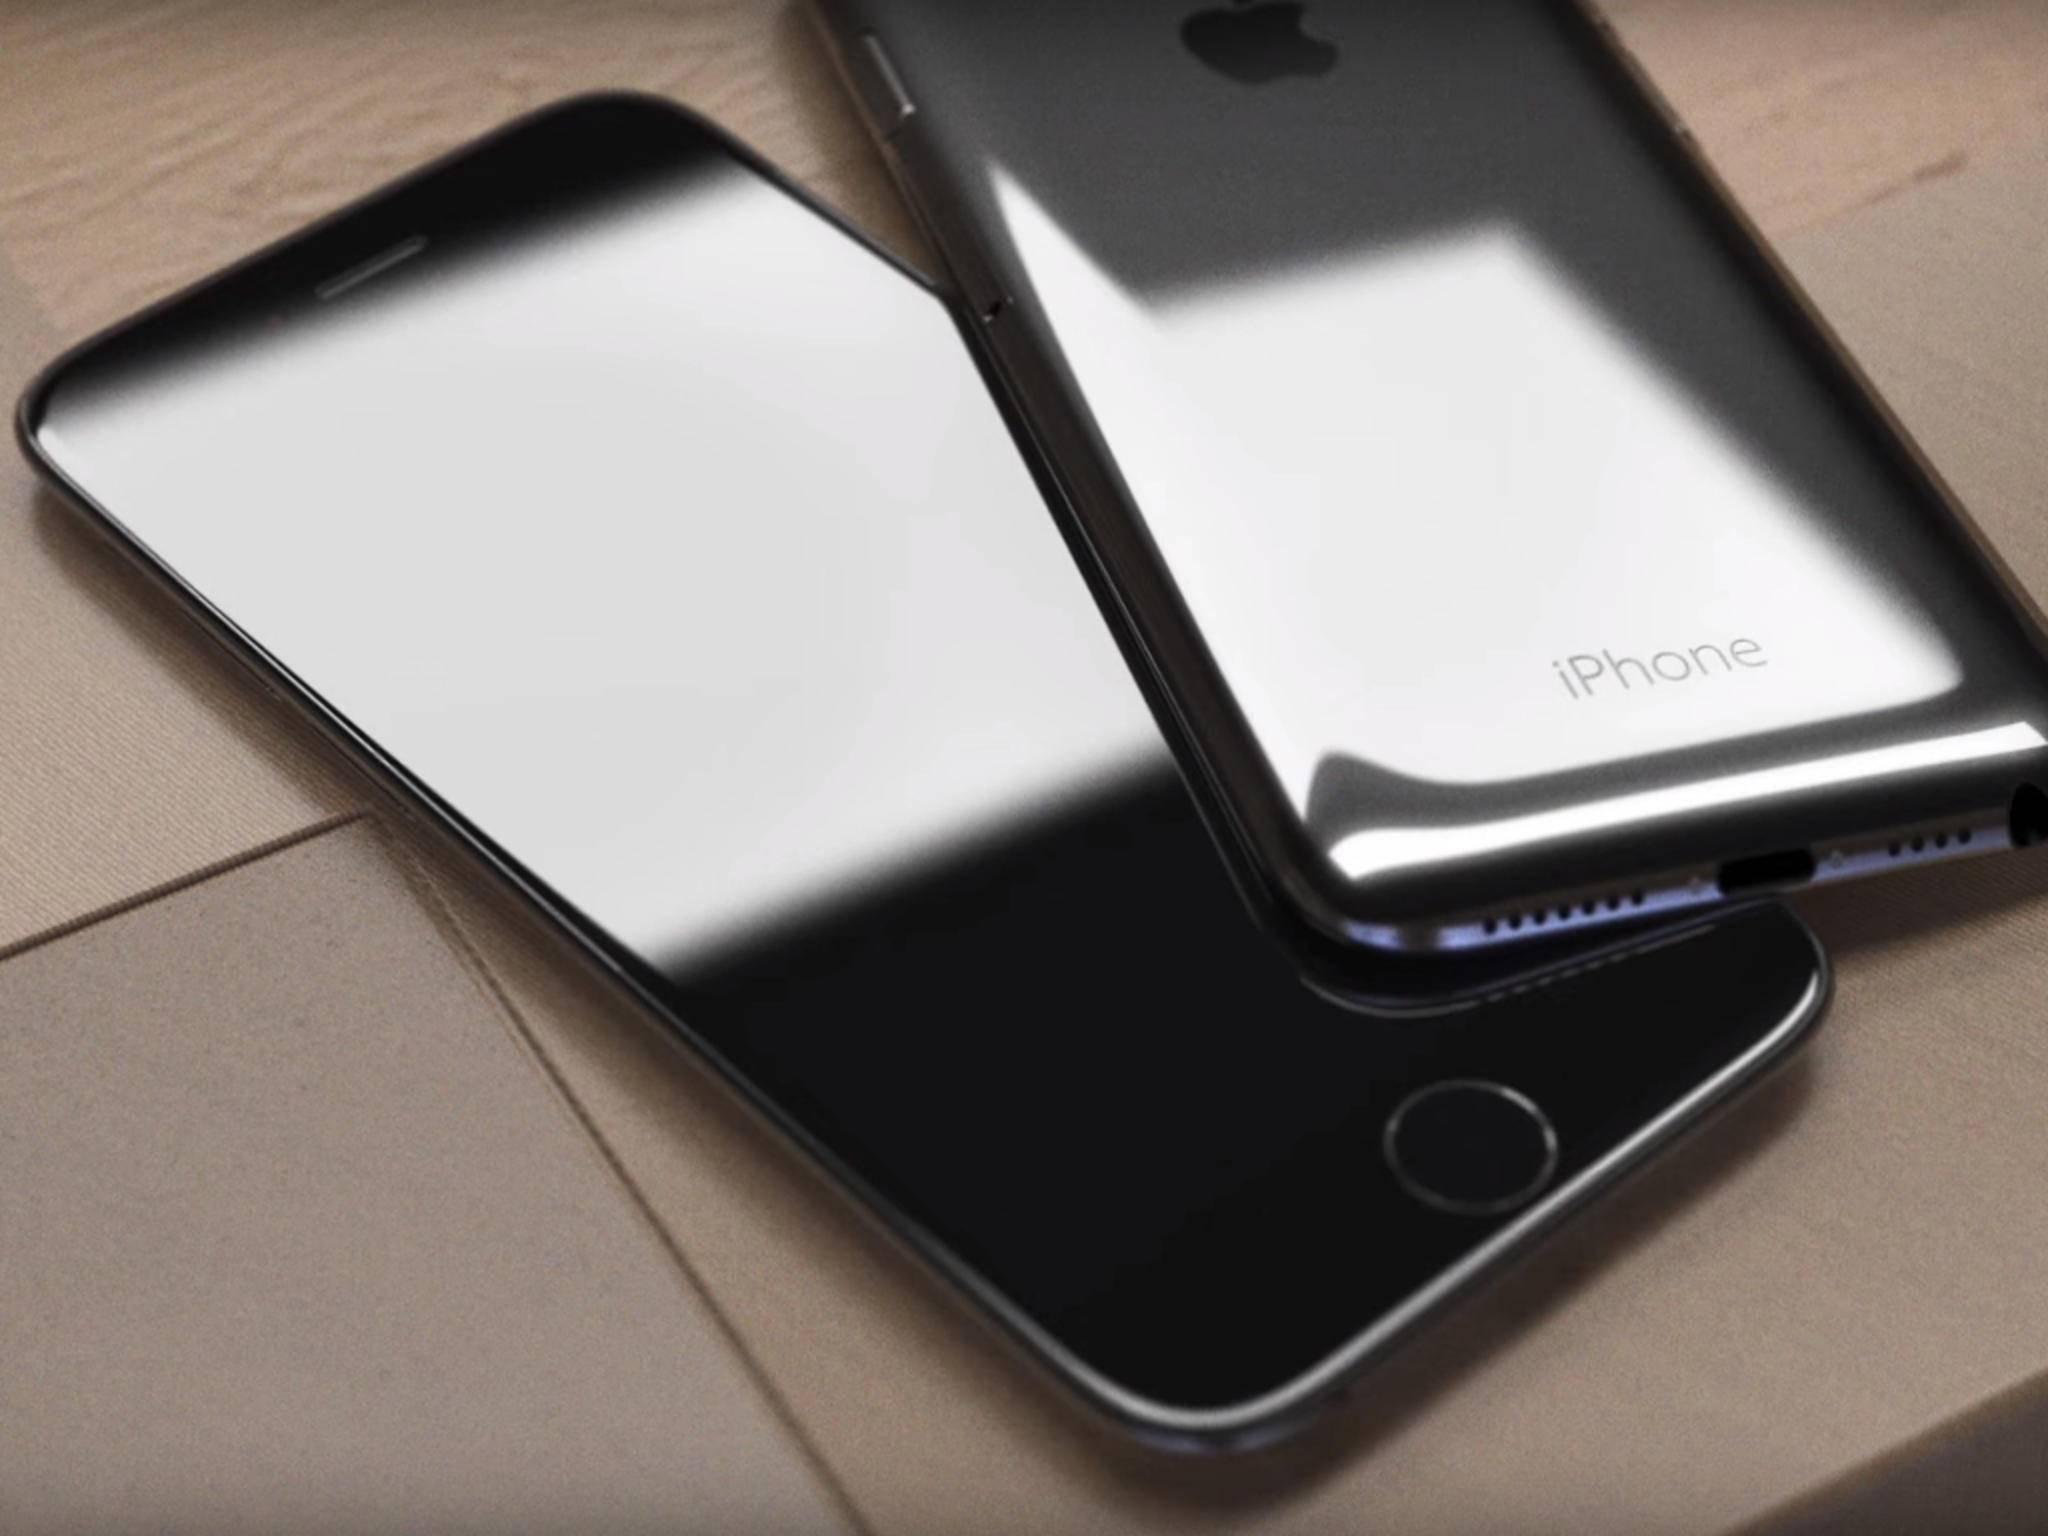 Das iPhone 7 soll wieder auf TSMC als alleinigen Chip-Hersteller setzen.